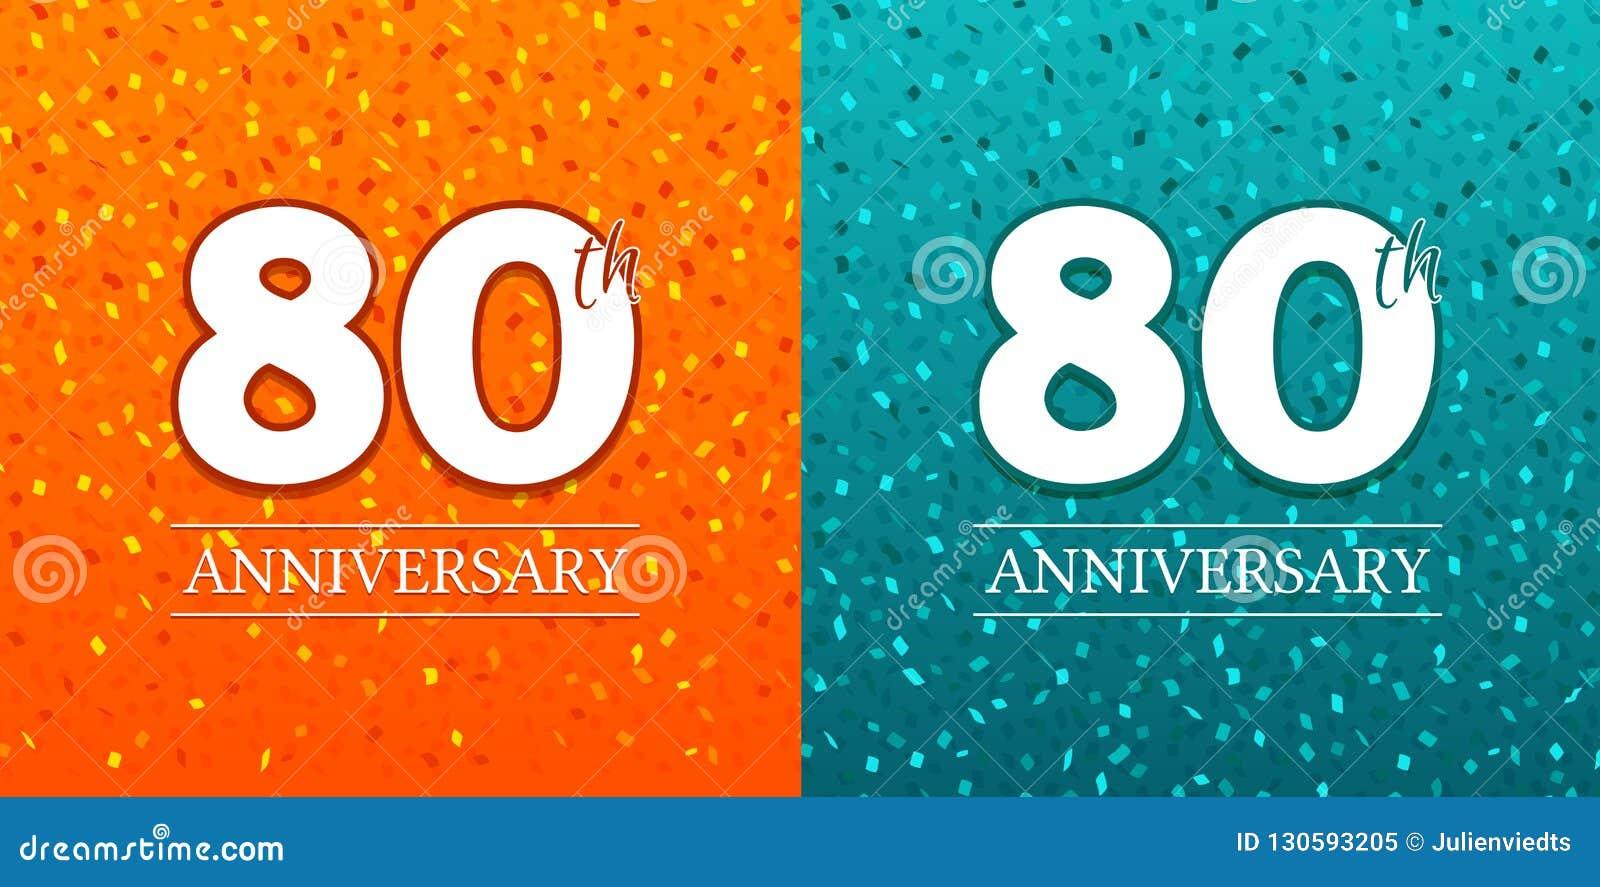 Iets Nieuws 80ste Verjaardagsachtergrond - 80 Jaar Vierings Verjaardagseps10 @ET59